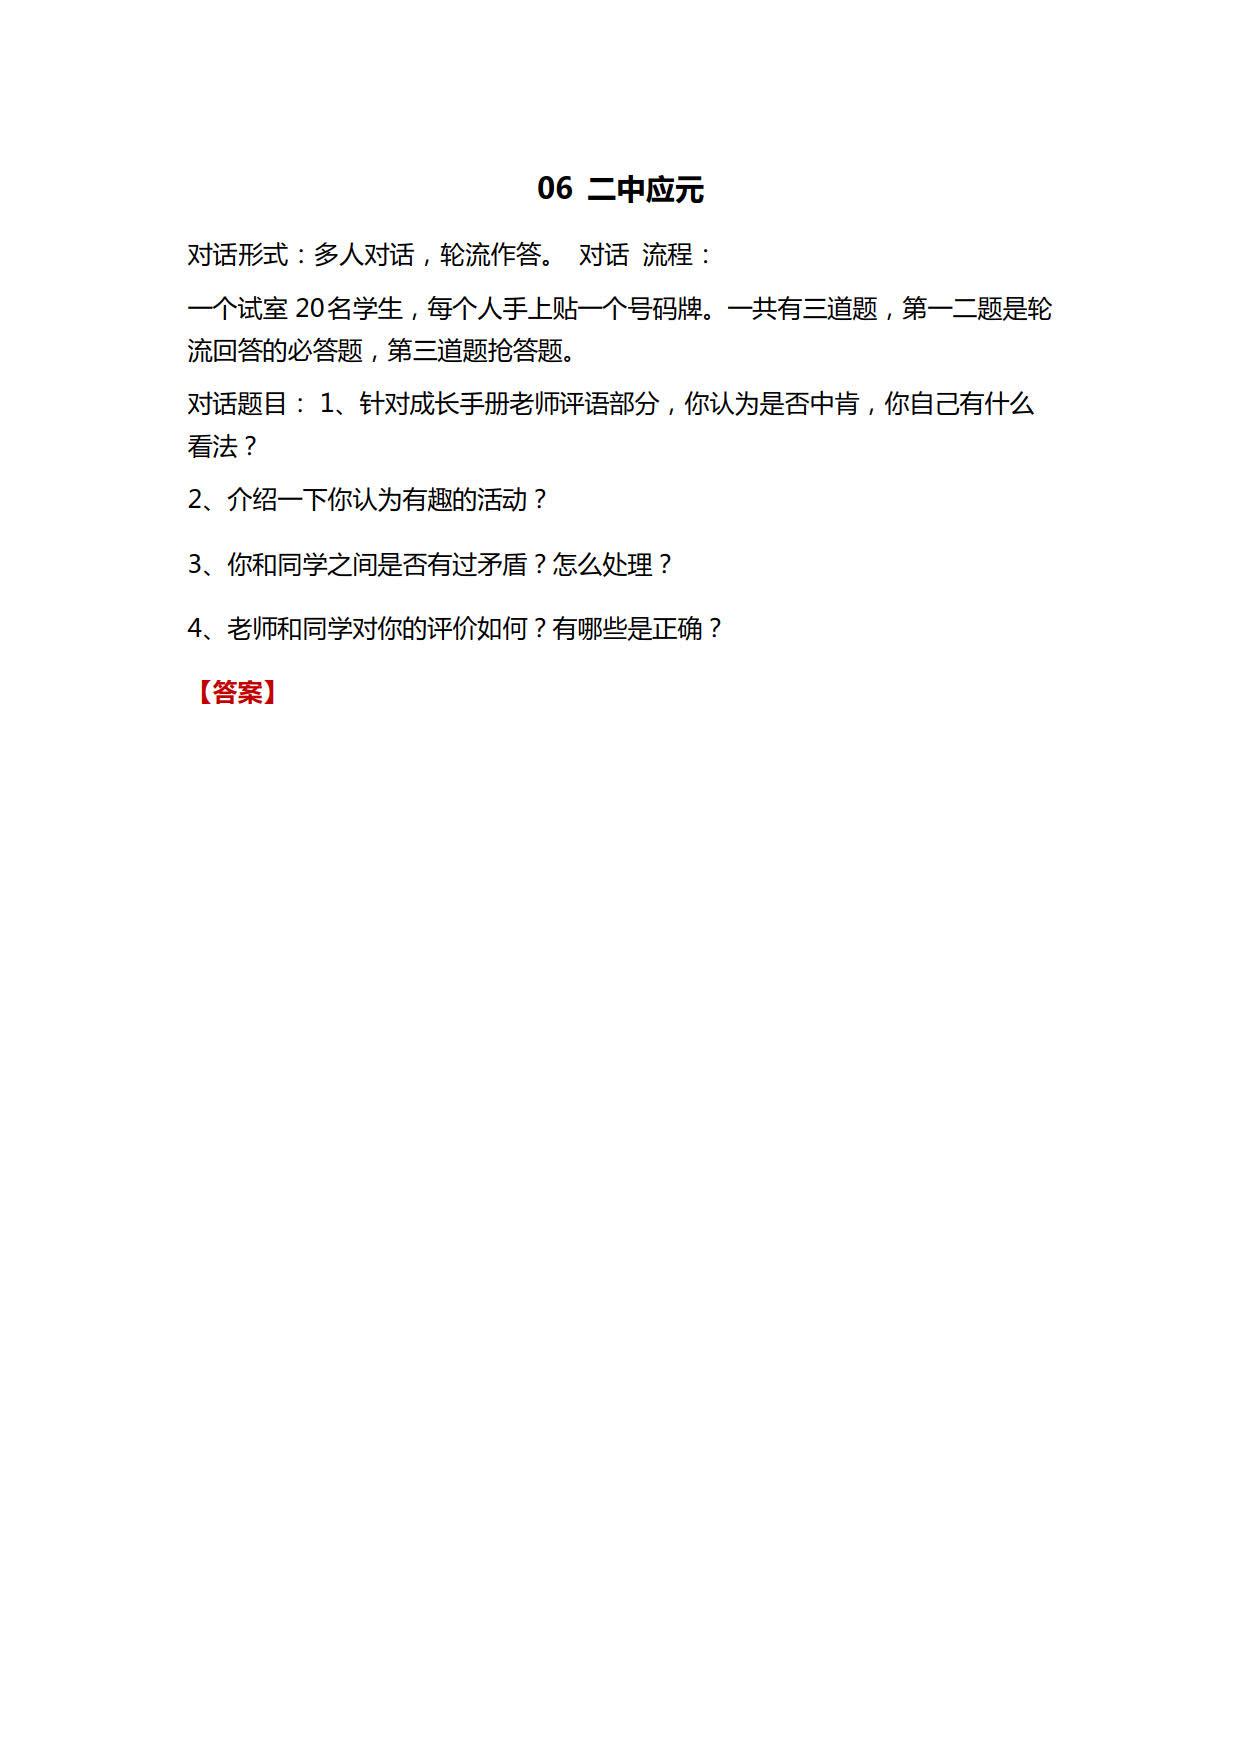 广州二中应元对话题目&解析